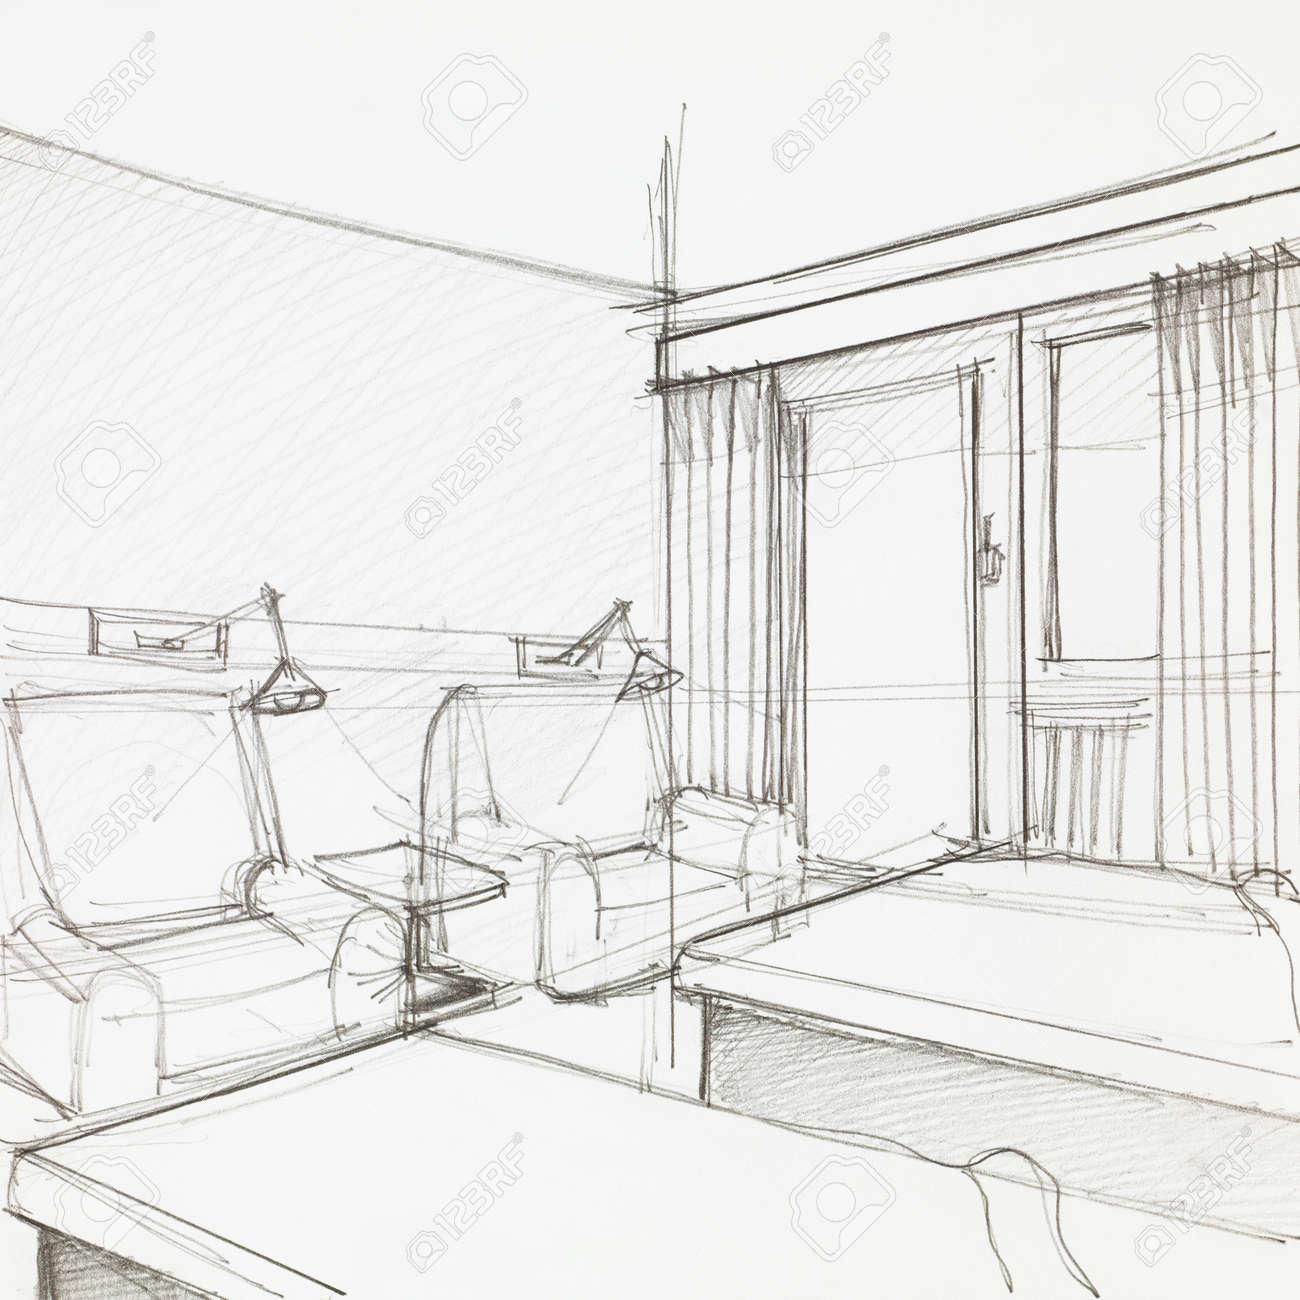 Dessin Graphique De Chambre D\'hôtel Avec Deux Fauteuils Et Lits ...